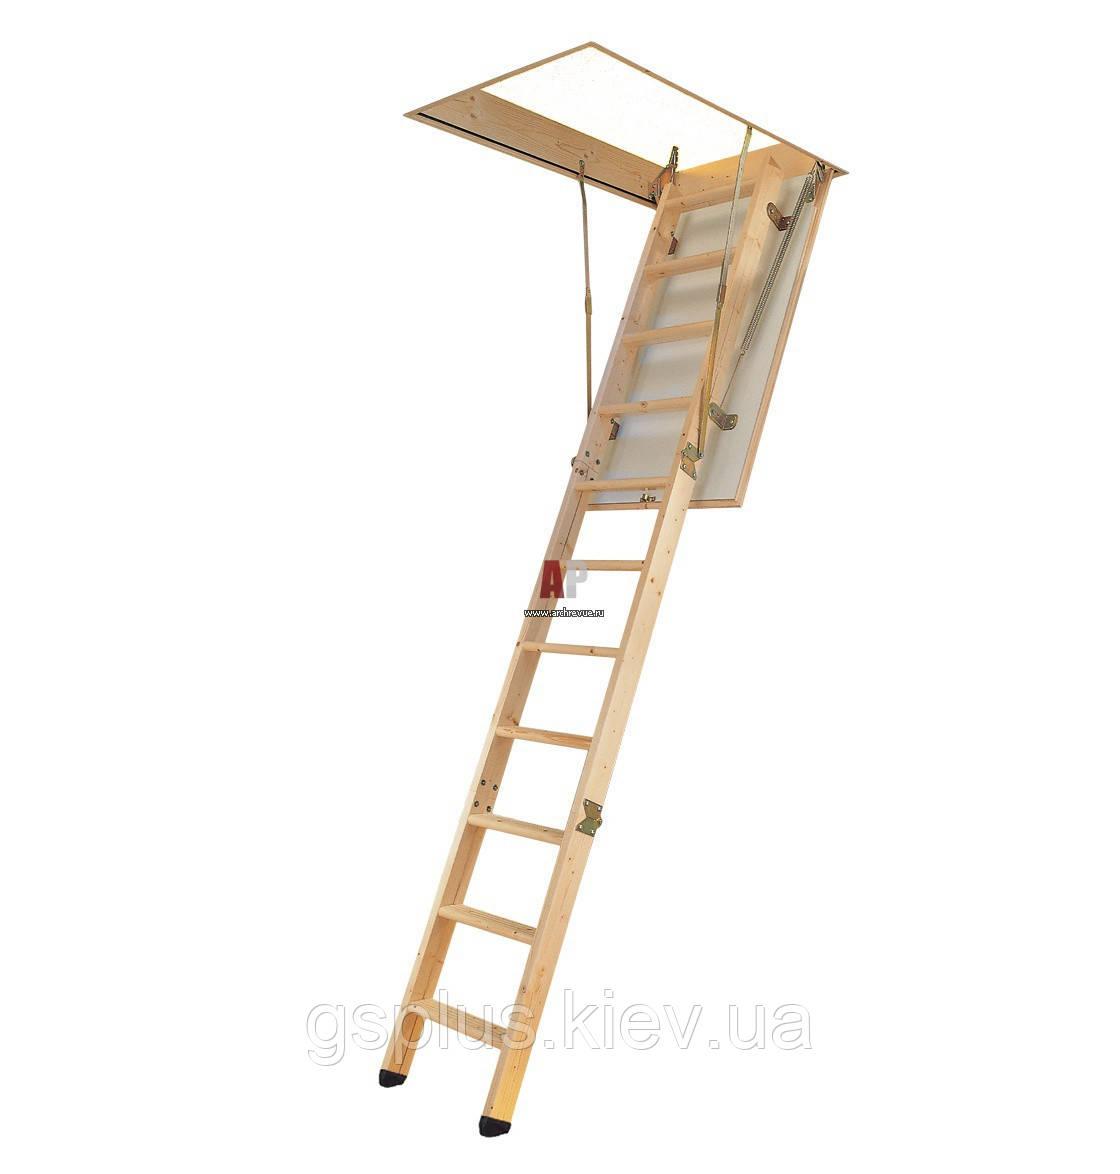 Деревянная складная лестница с люком VELTA Премиум